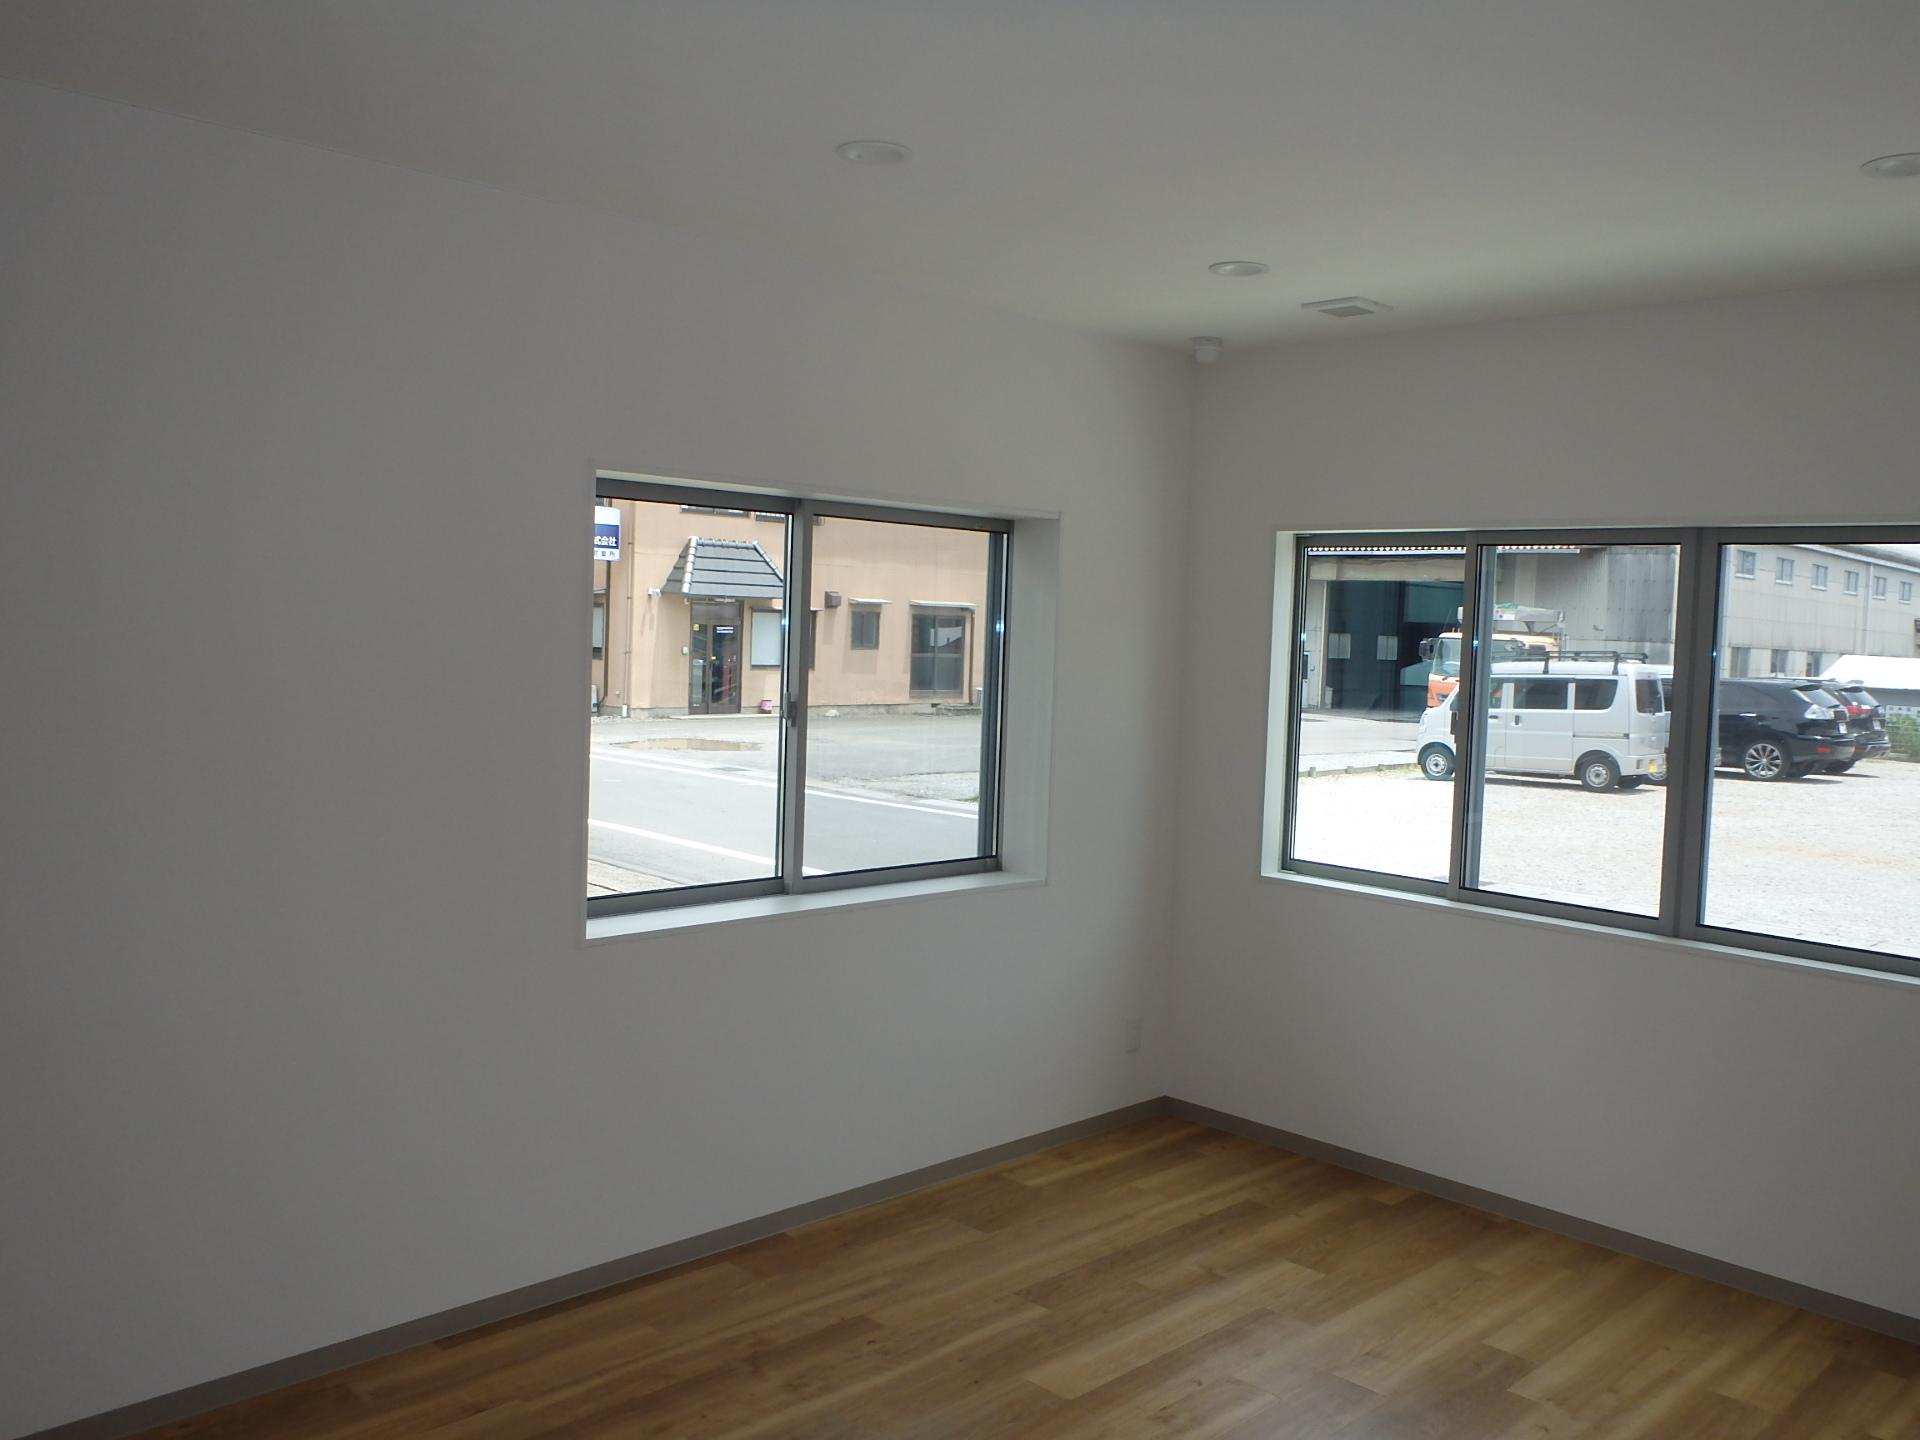 会議室 大きな窓を設置 事務所同様フリーアクセスフロア採用